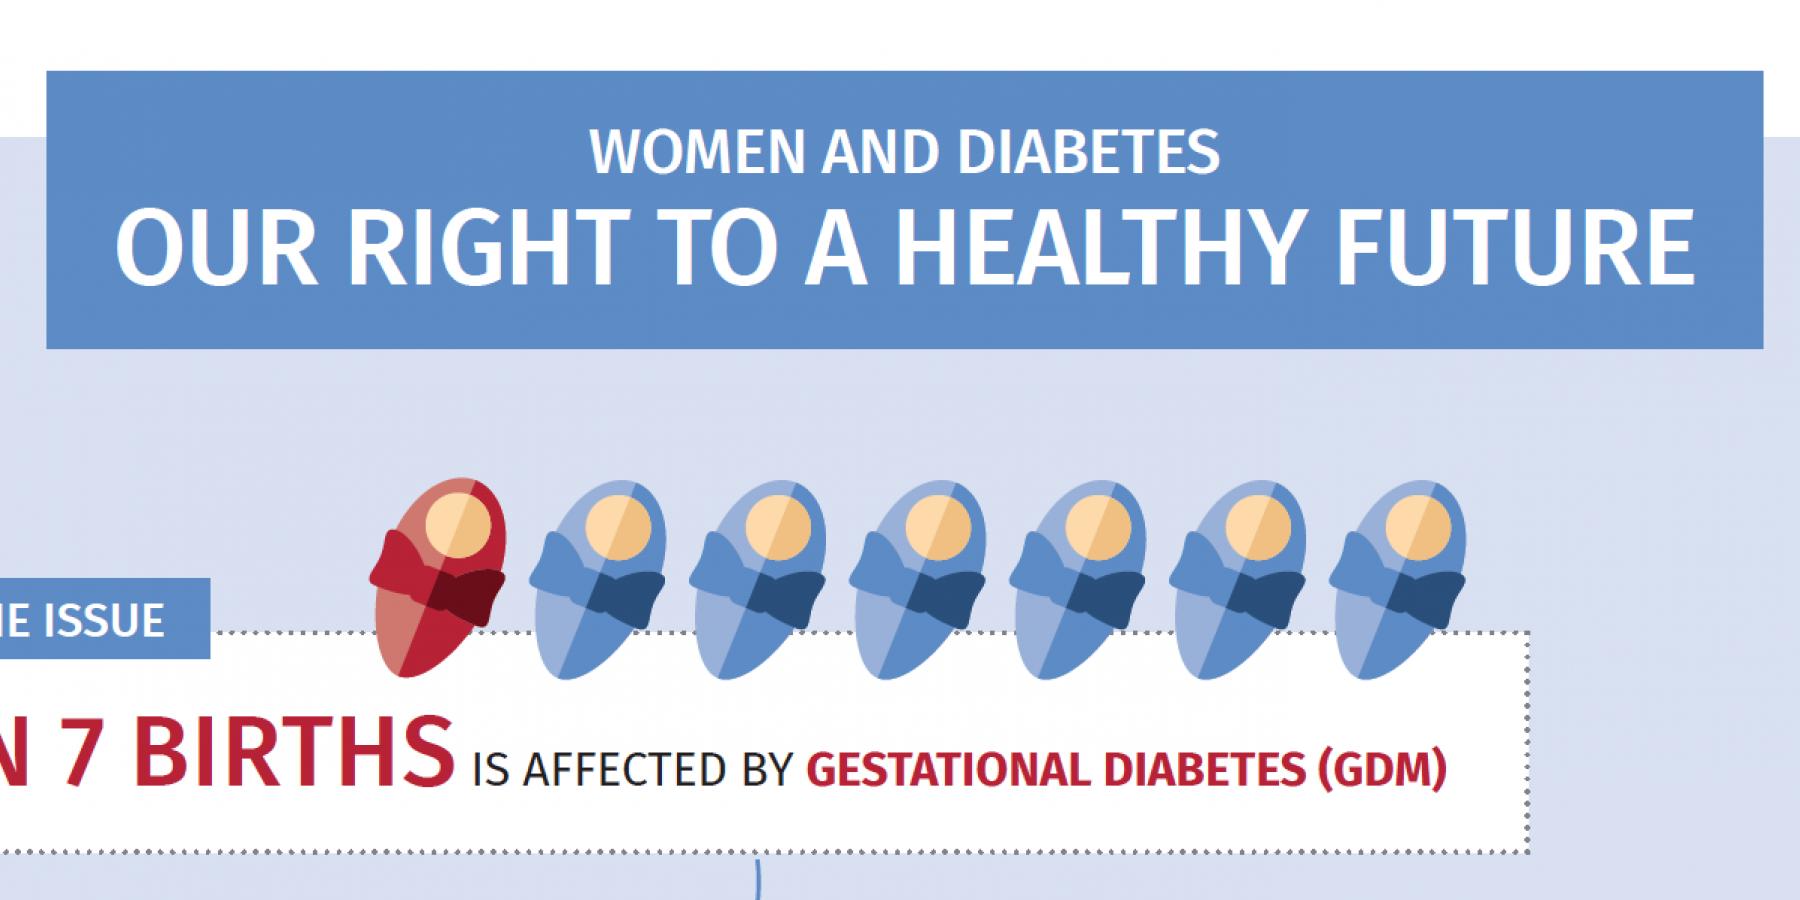 World Diabetes Day 2017 theme announced: Woman & Diabetes